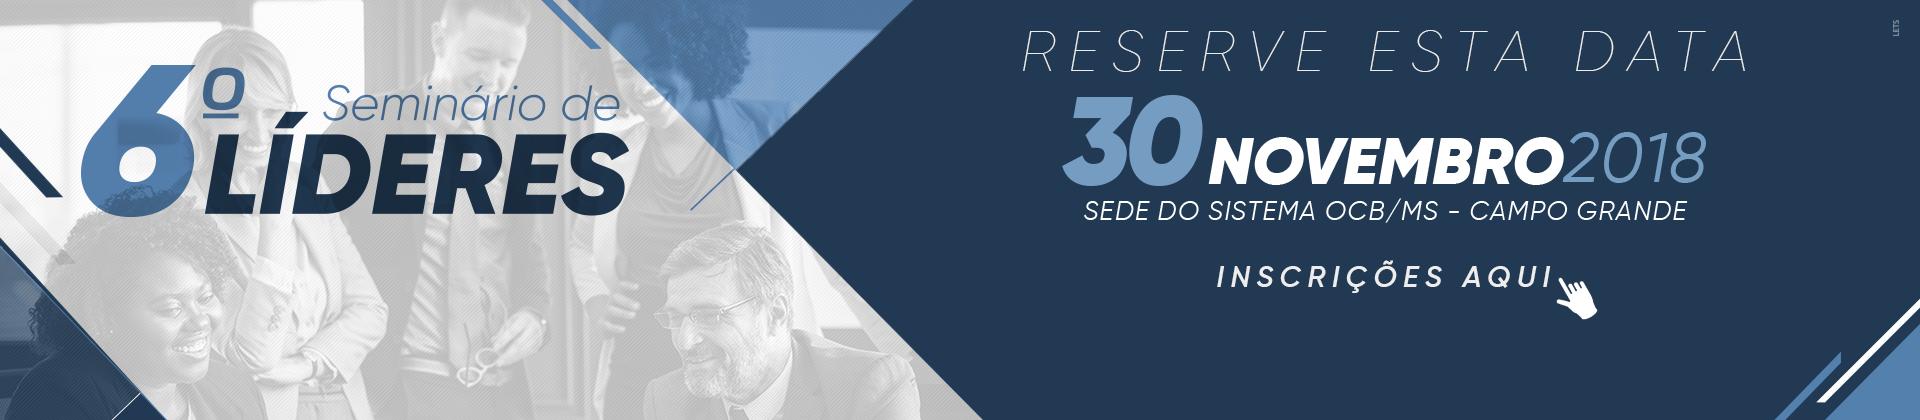 banner_topo_seminario_de_Lideres